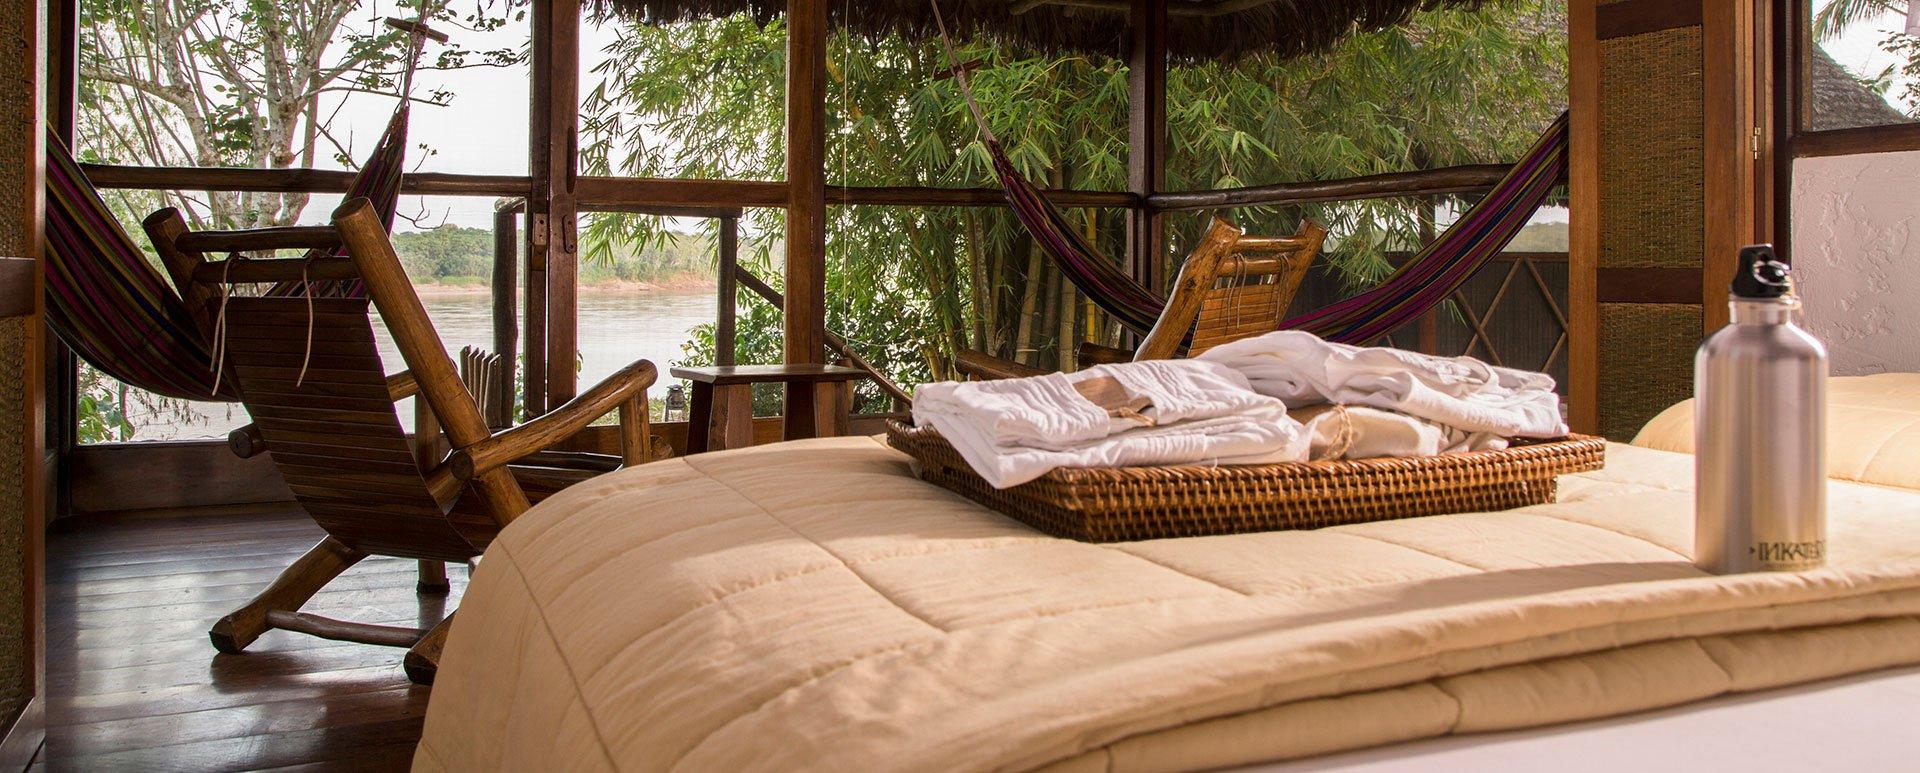 Reserva Amazonica Lodge room